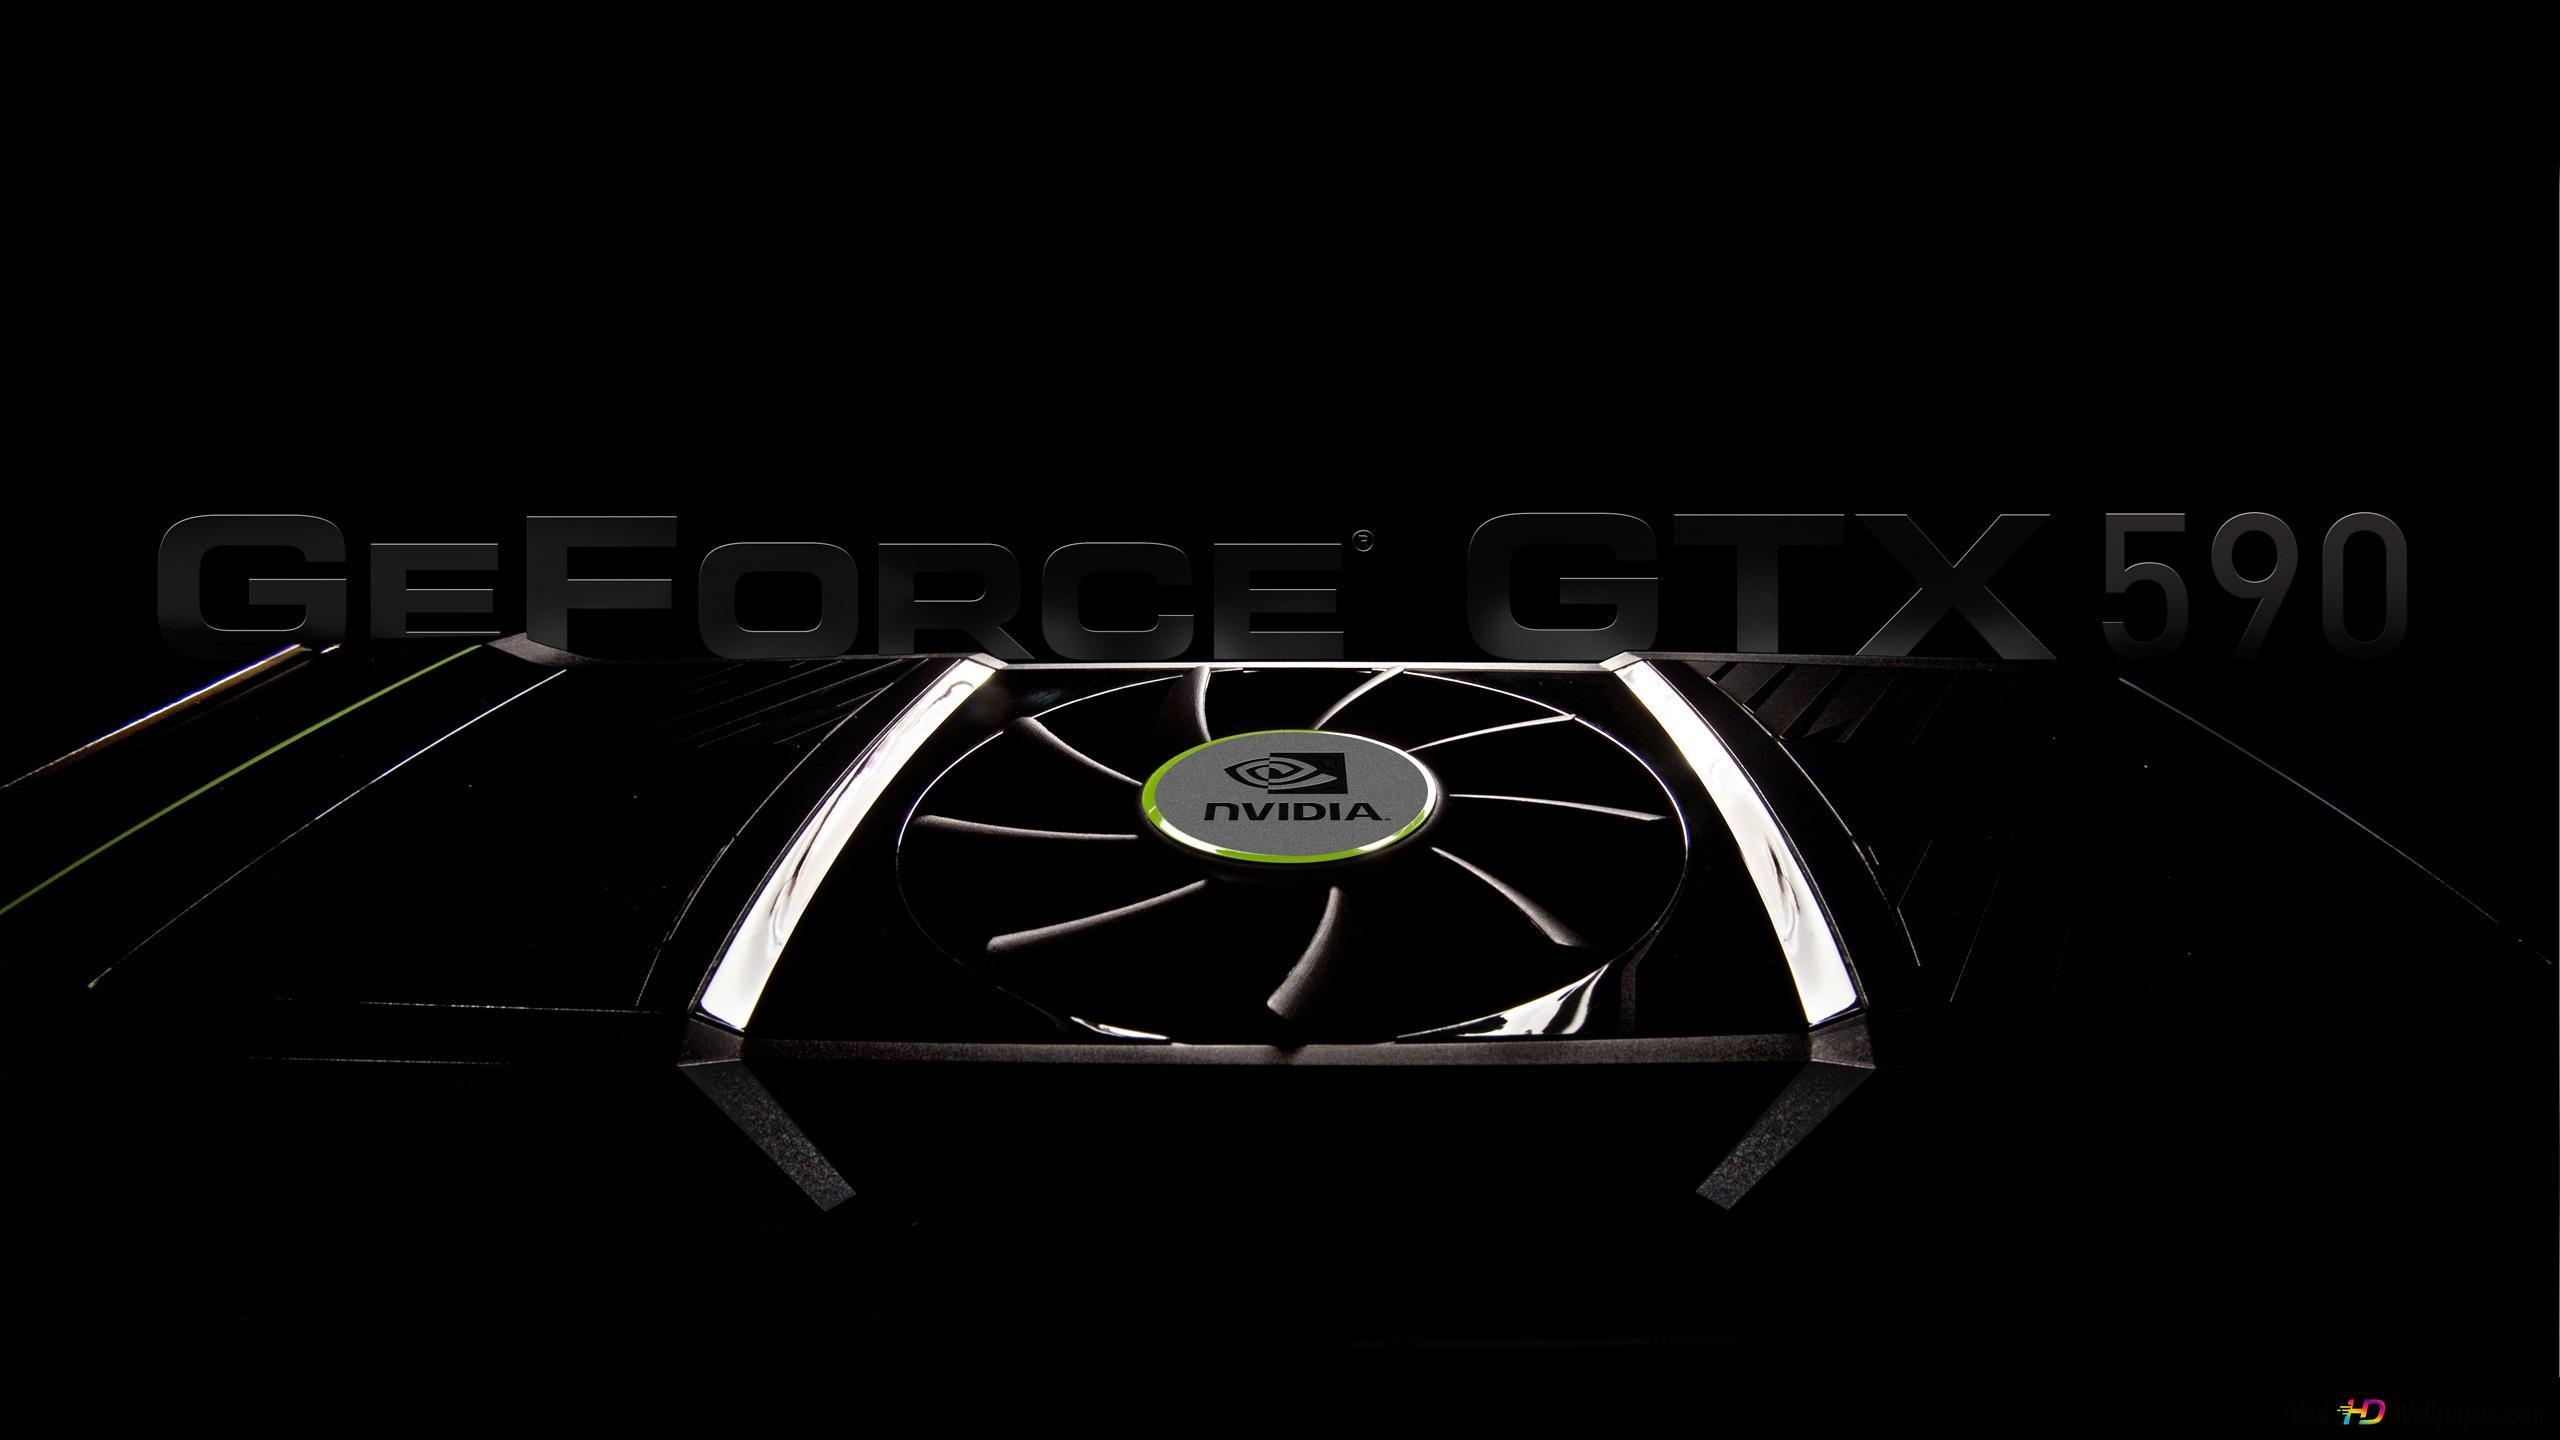 Nvidia Geforce Gtx 590の Hd壁紙のダウンロード